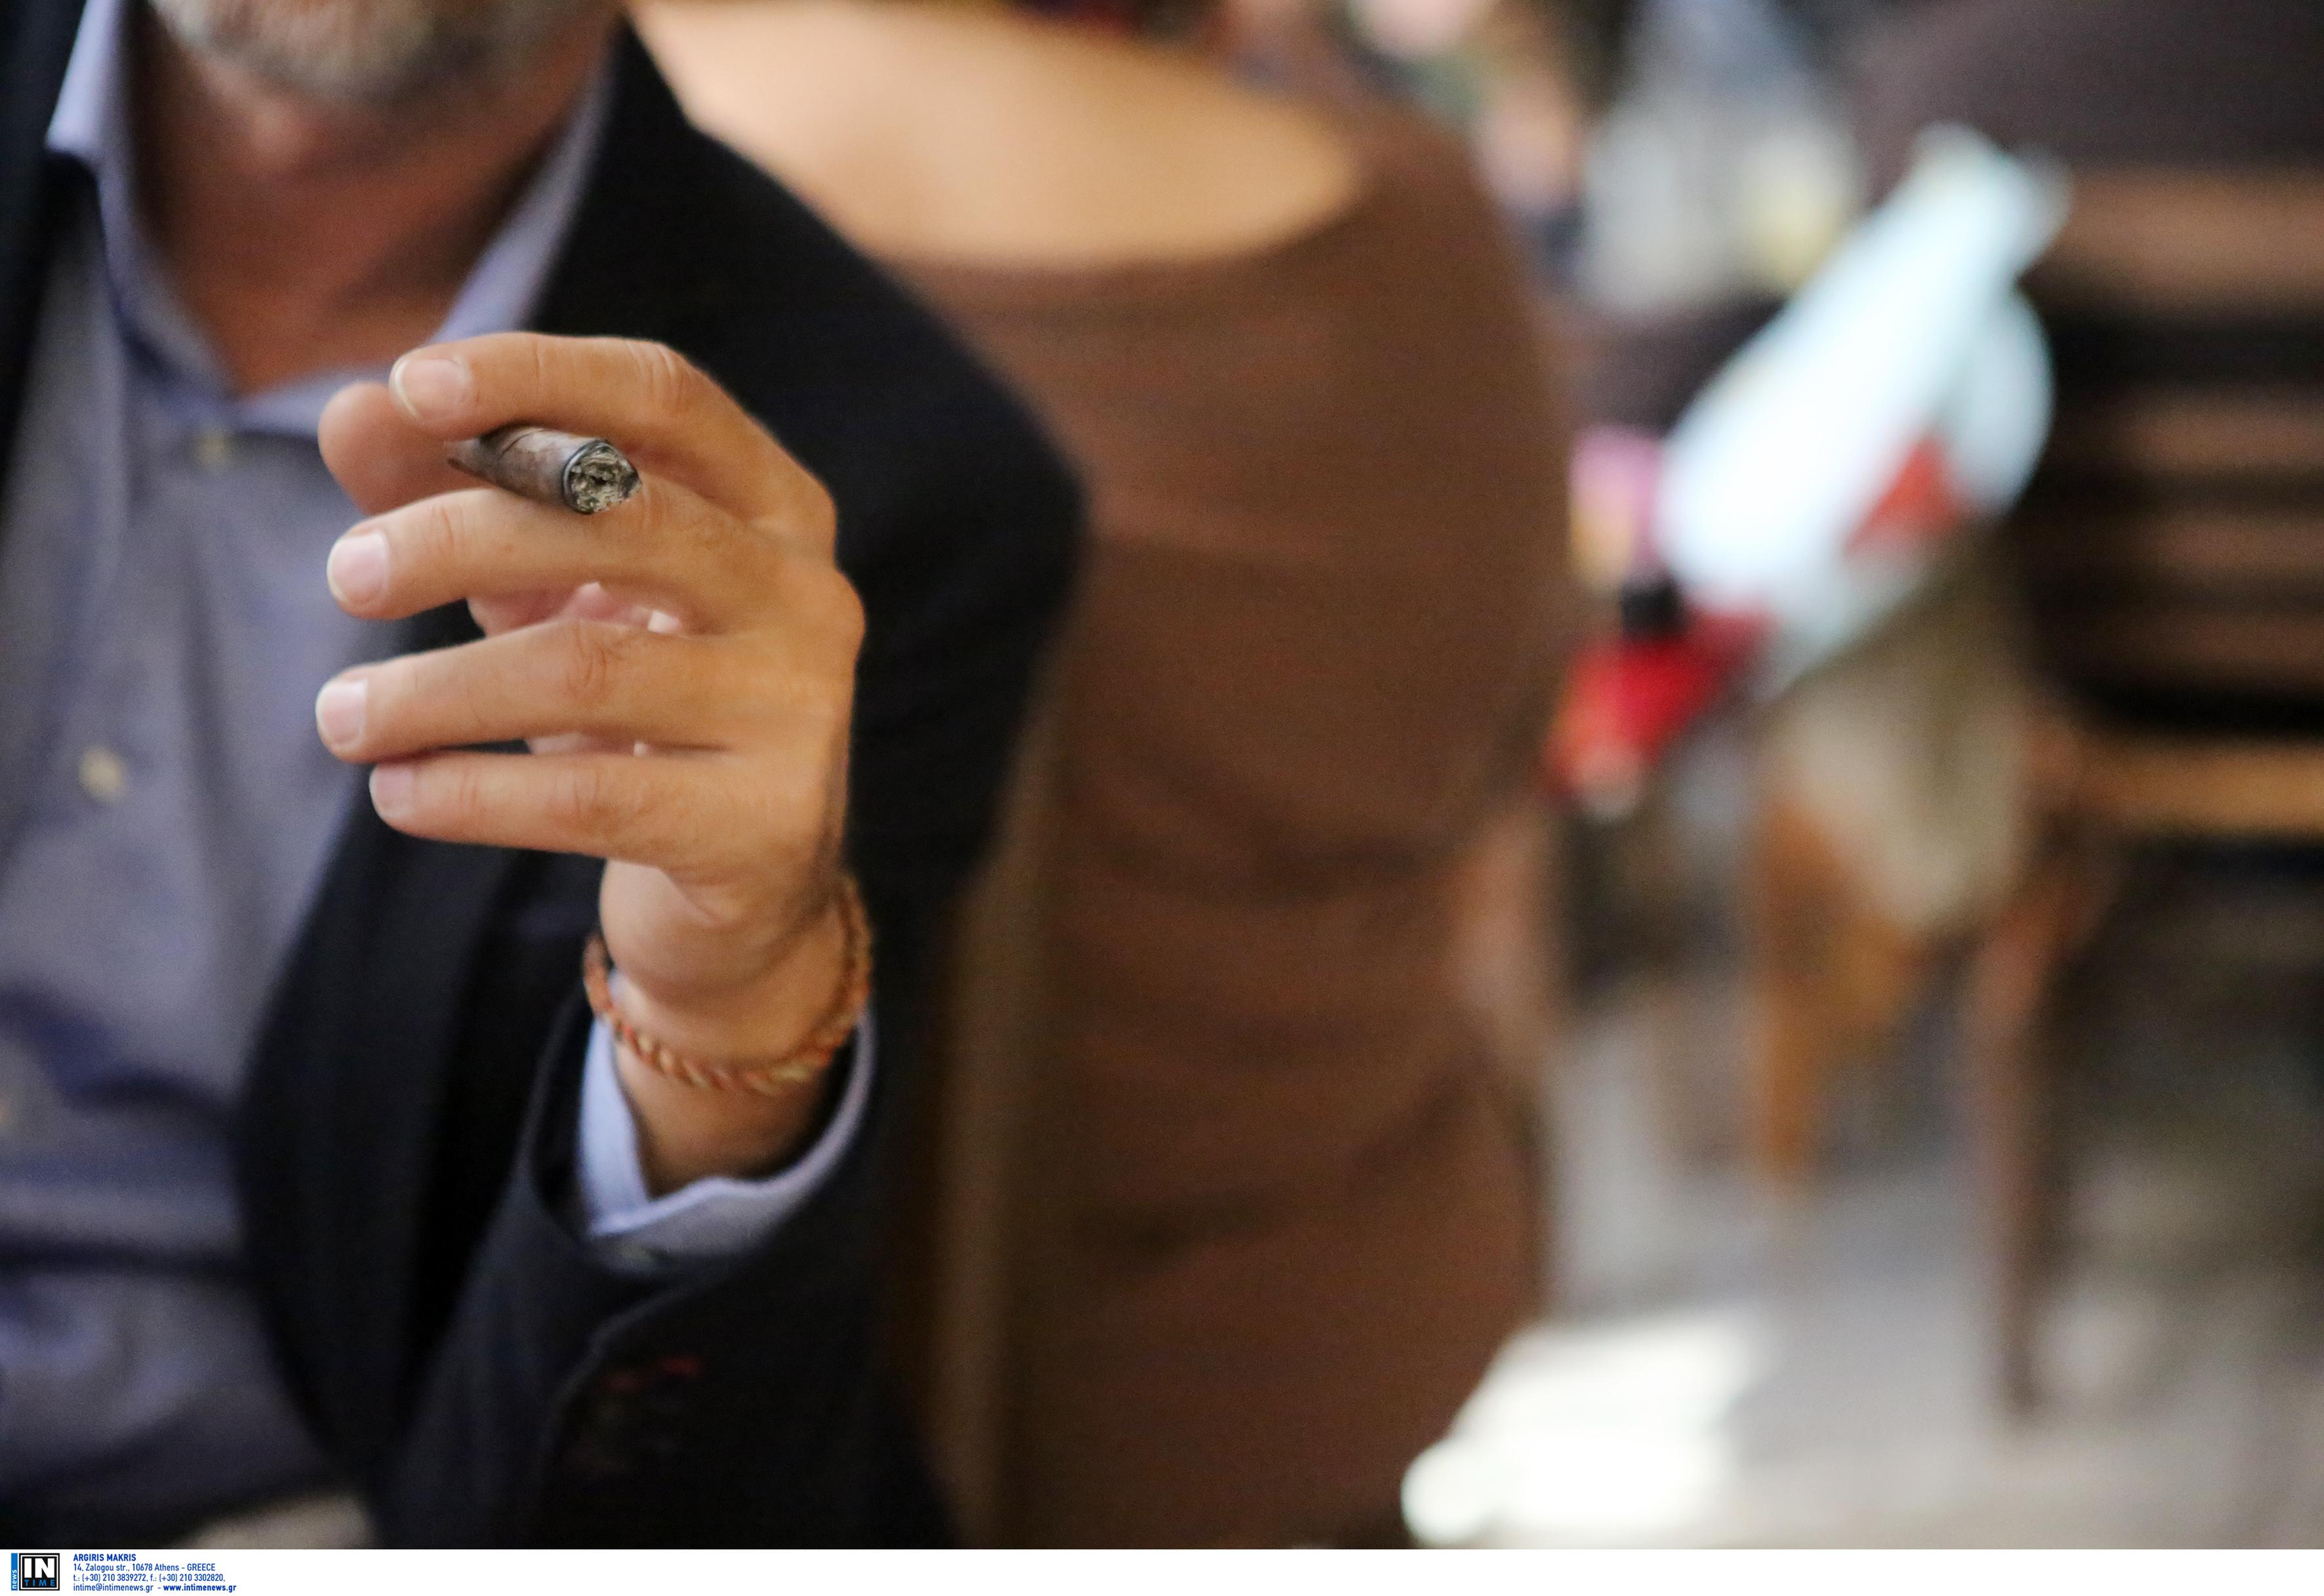 Κορονοϊός: Νέα μελέτη για κάπνισμα και ΧΑΠ